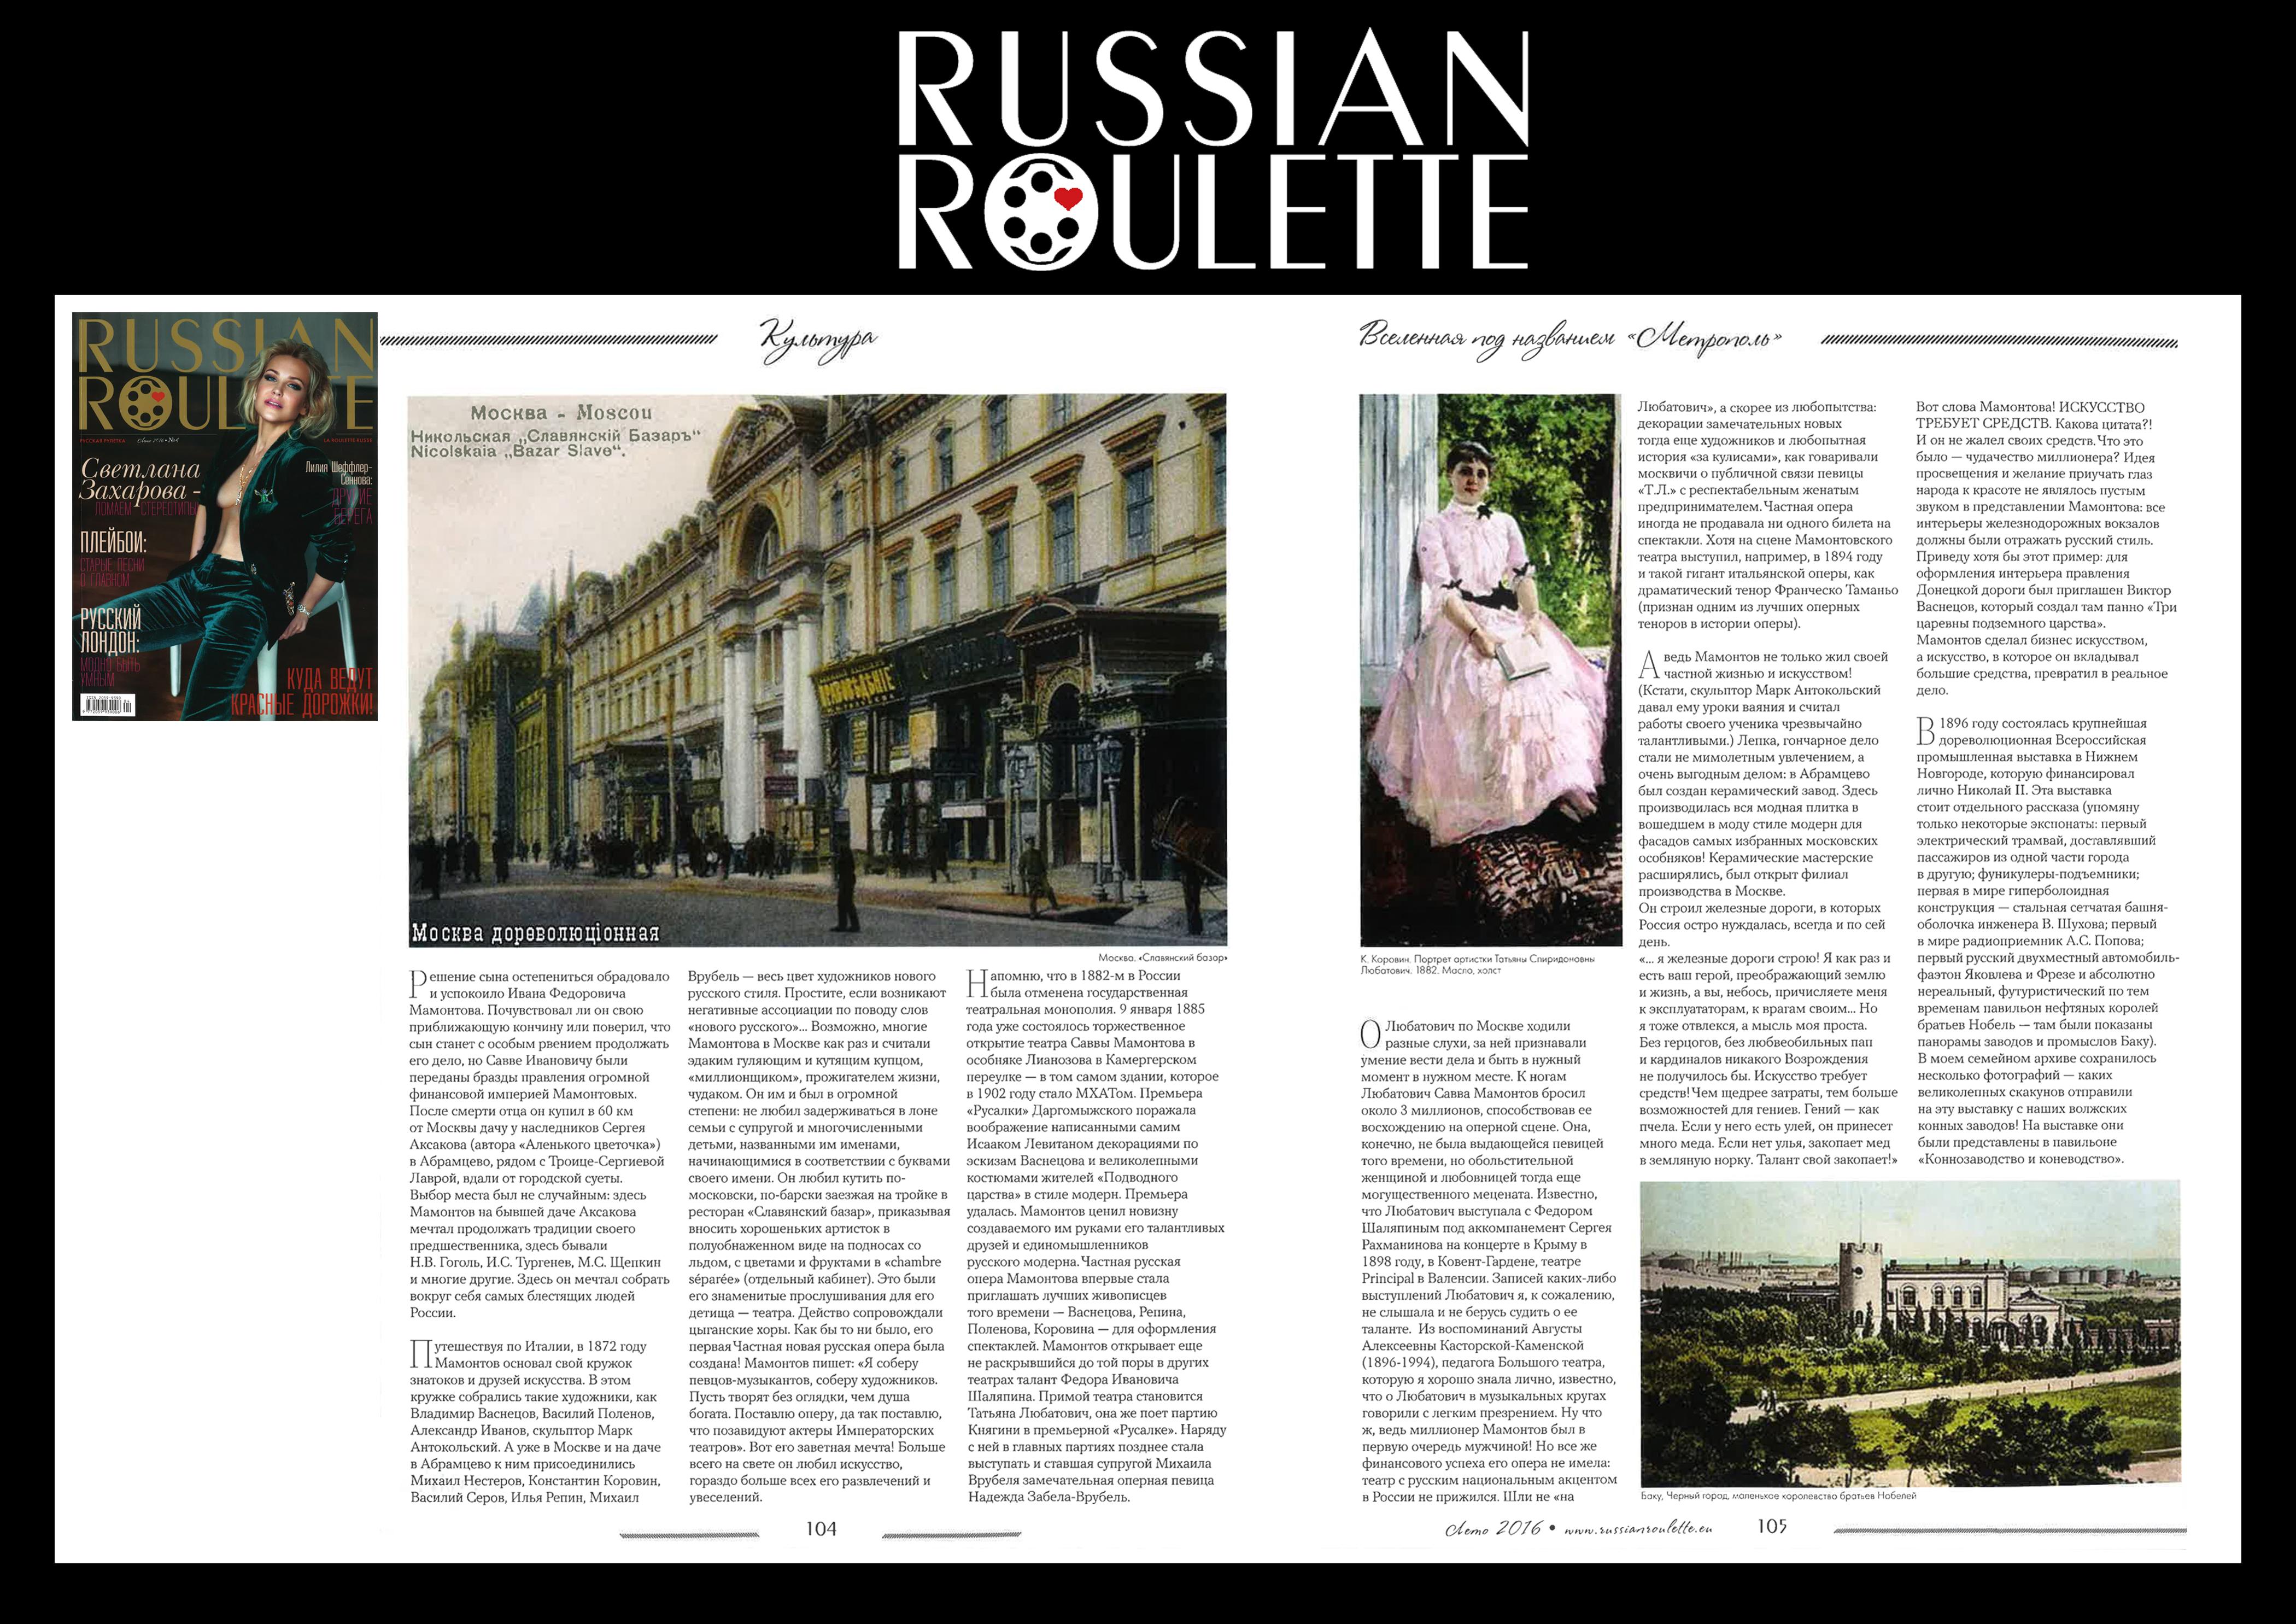 RUSSIAN ROULETTE METROPOLE 1 -3